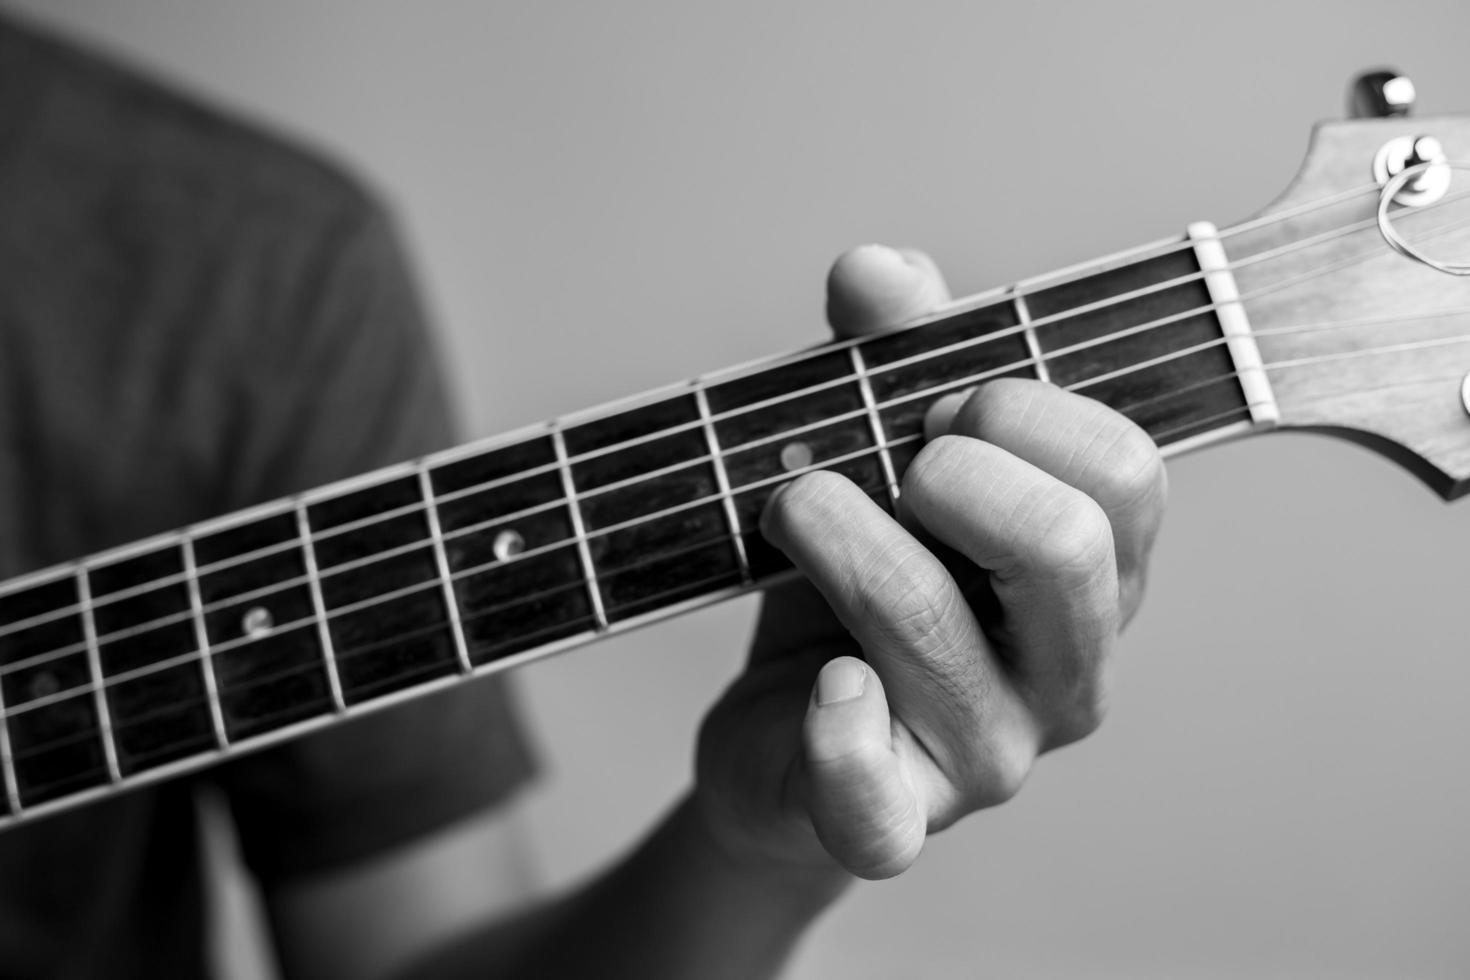 l'homme joue de la guitare photo